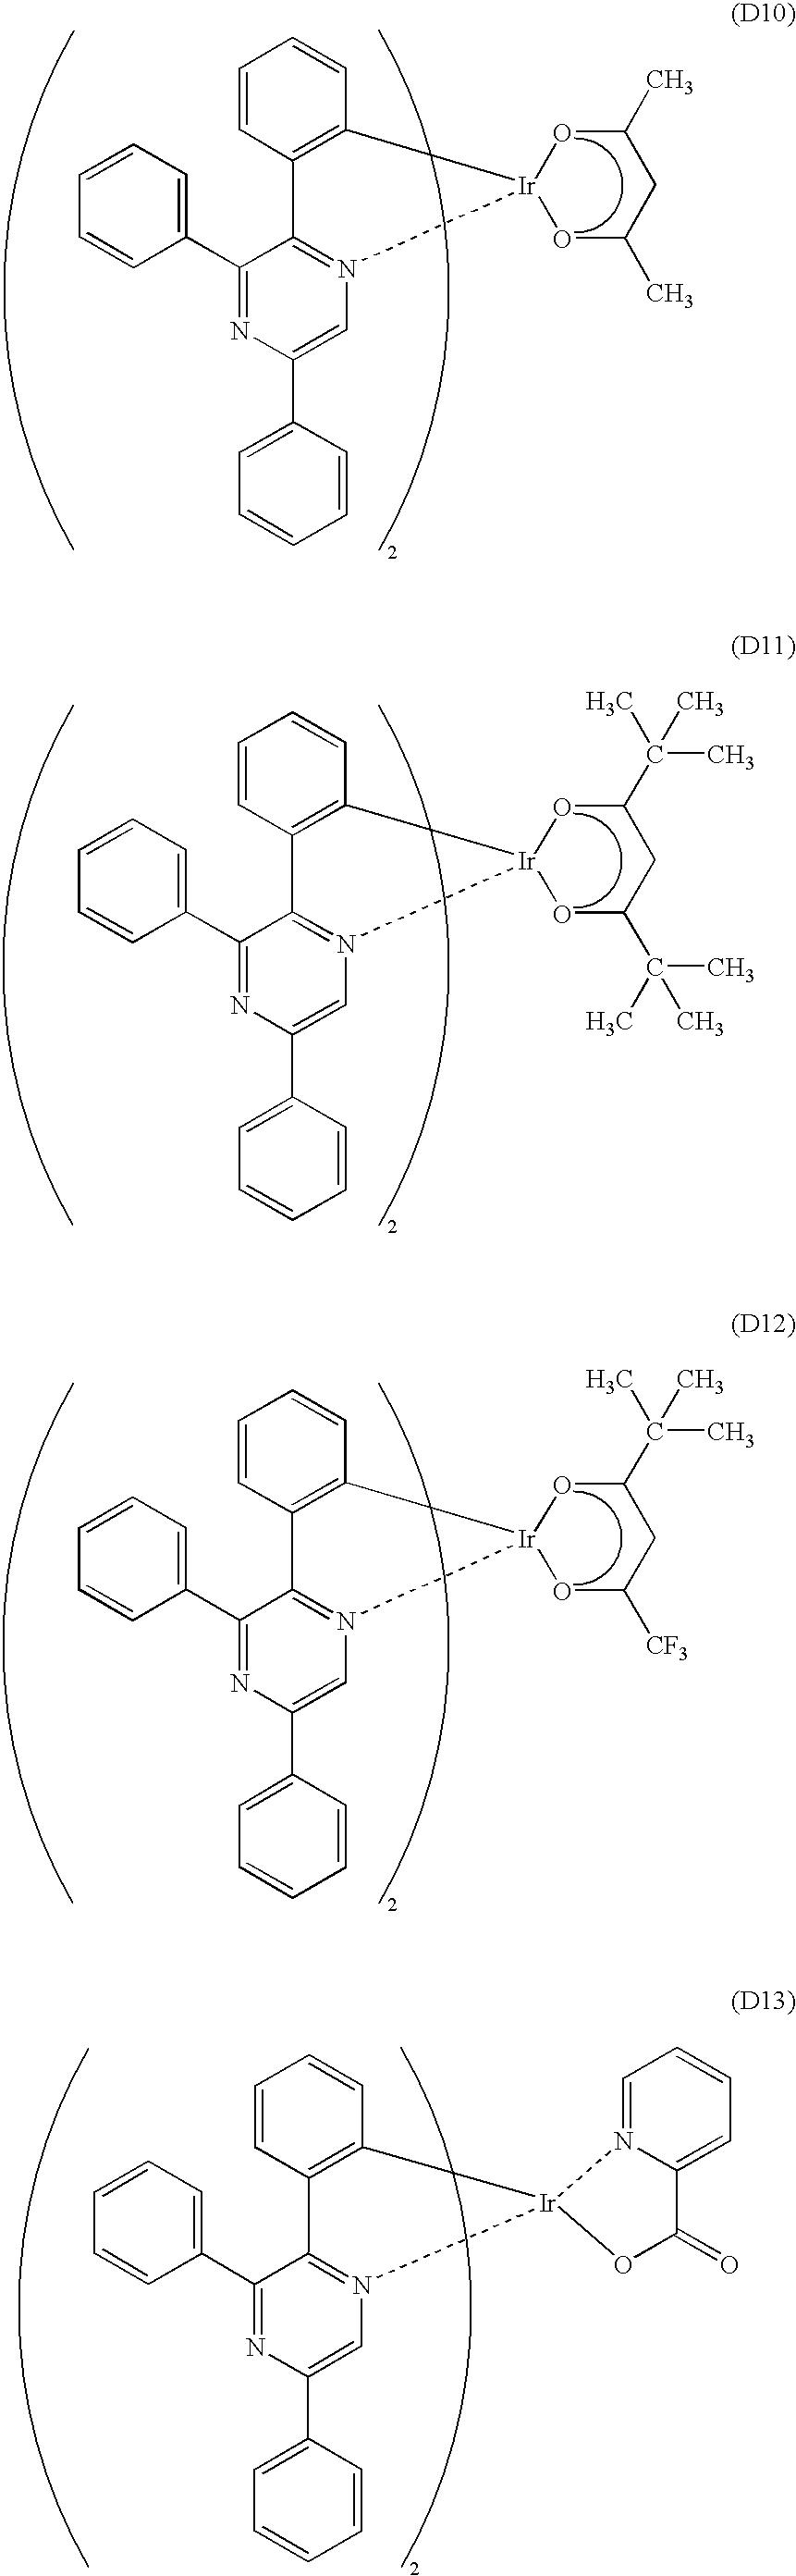 Figure US20100059741A1-20100311-C00009